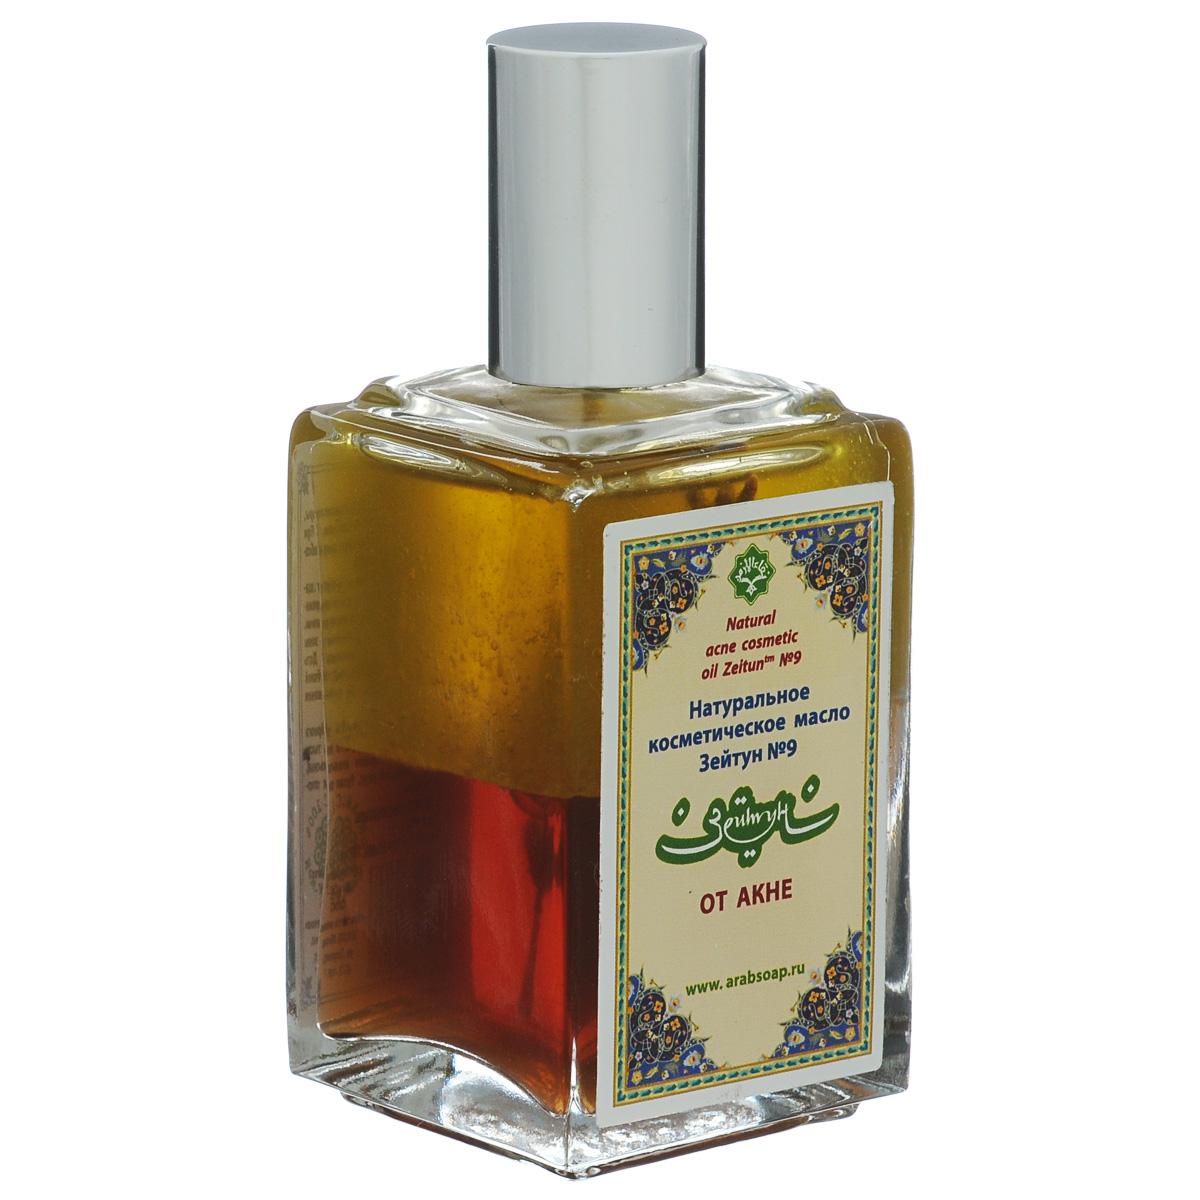 Зейтун Косметическое масло №9 от акне, 100 млZ3209Устраняет воспаление, мягко очищает поры, предотвращает появление постакне. Увлажняет и оздоравливает кожу, регулируя баланс выработки себума.